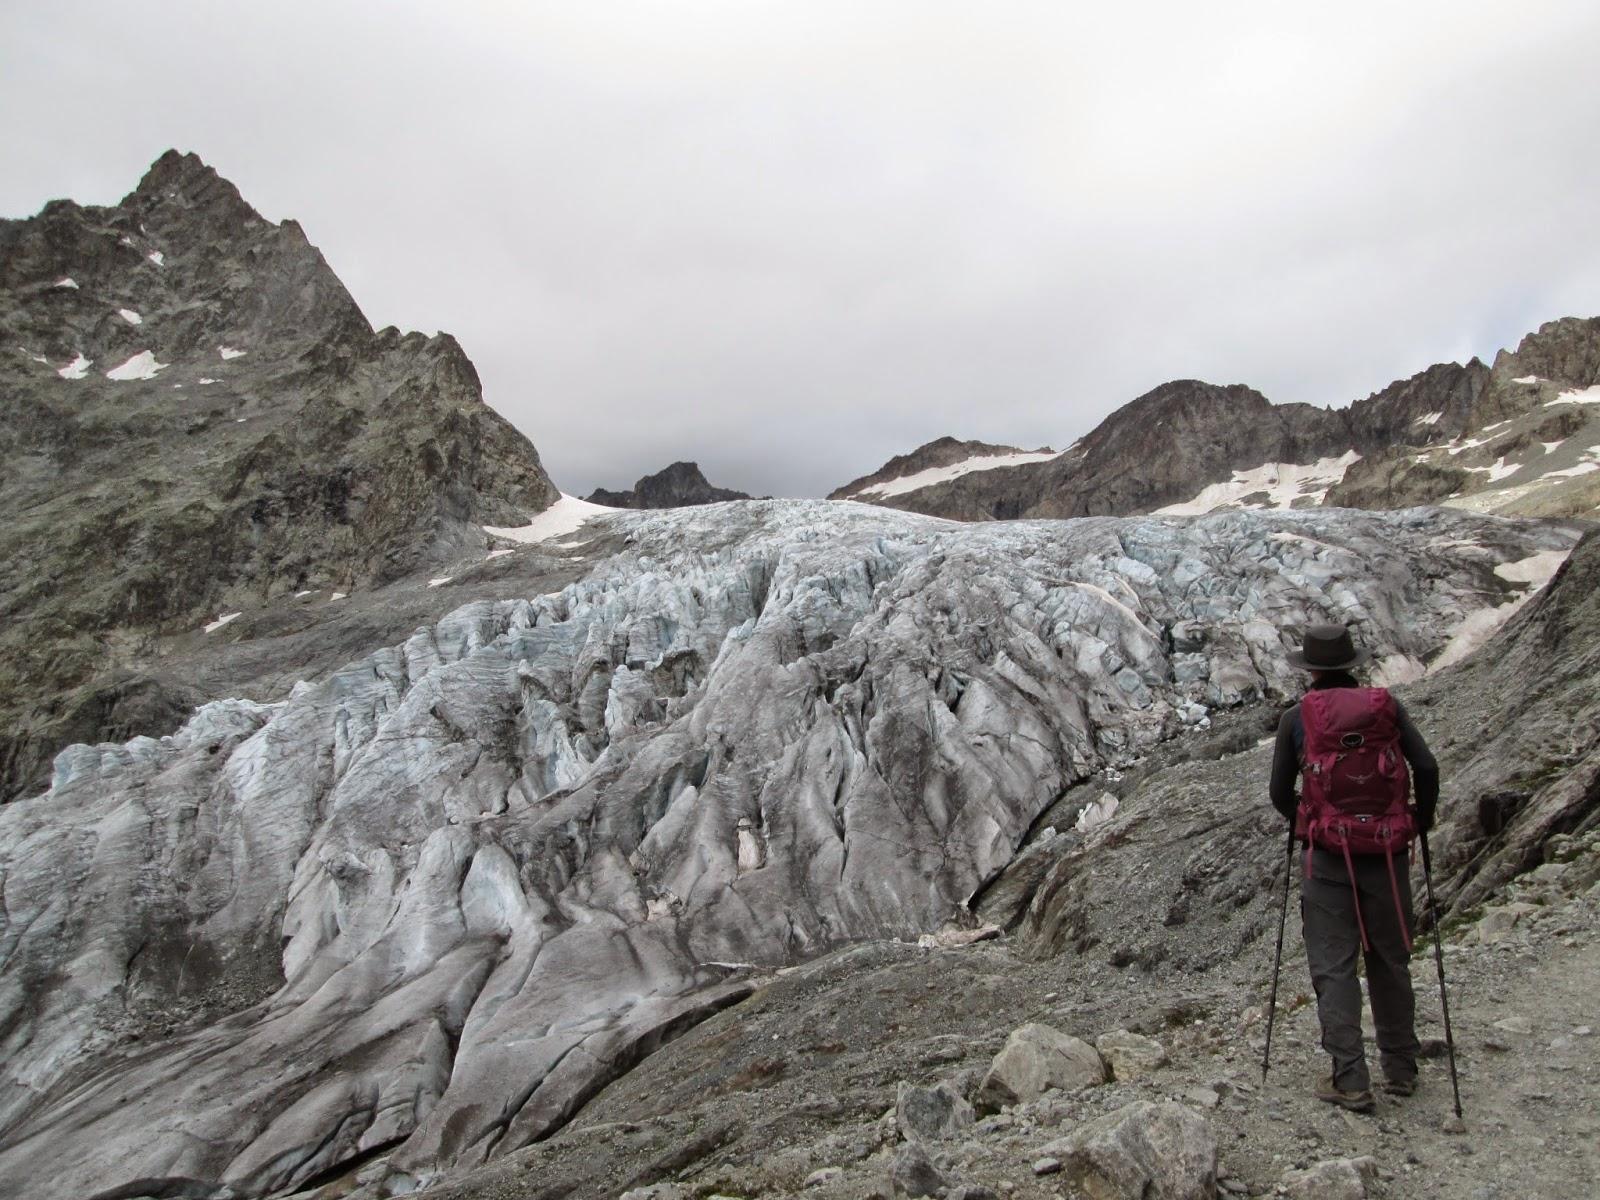 Hiking up alongside the Glacier Blanc, Ecrins National Park, Alps, France